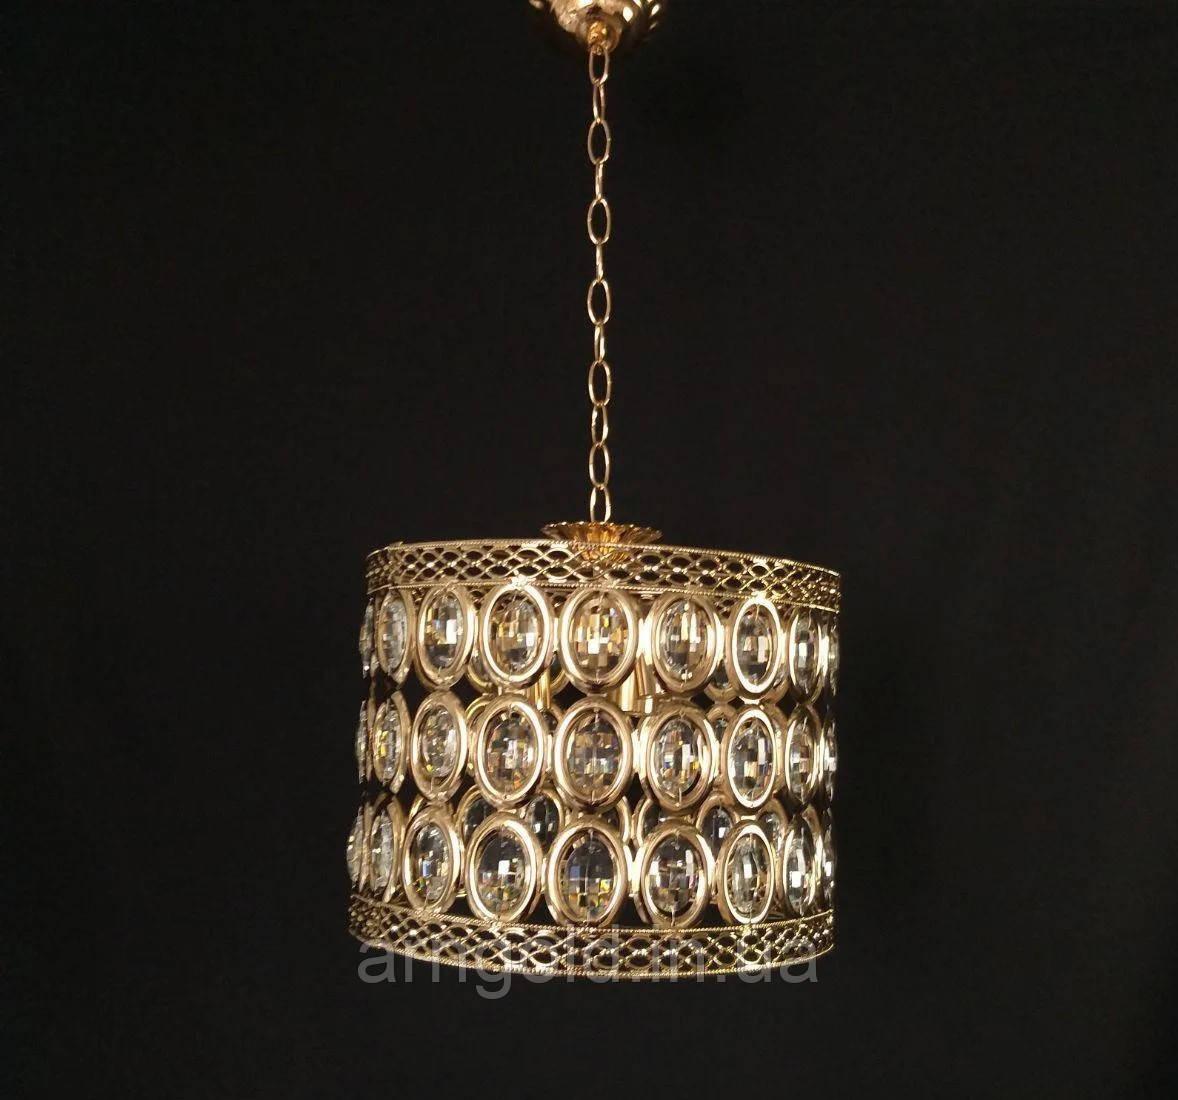 Люстра подвесная HJT-8306/300 FG в золотом цвете